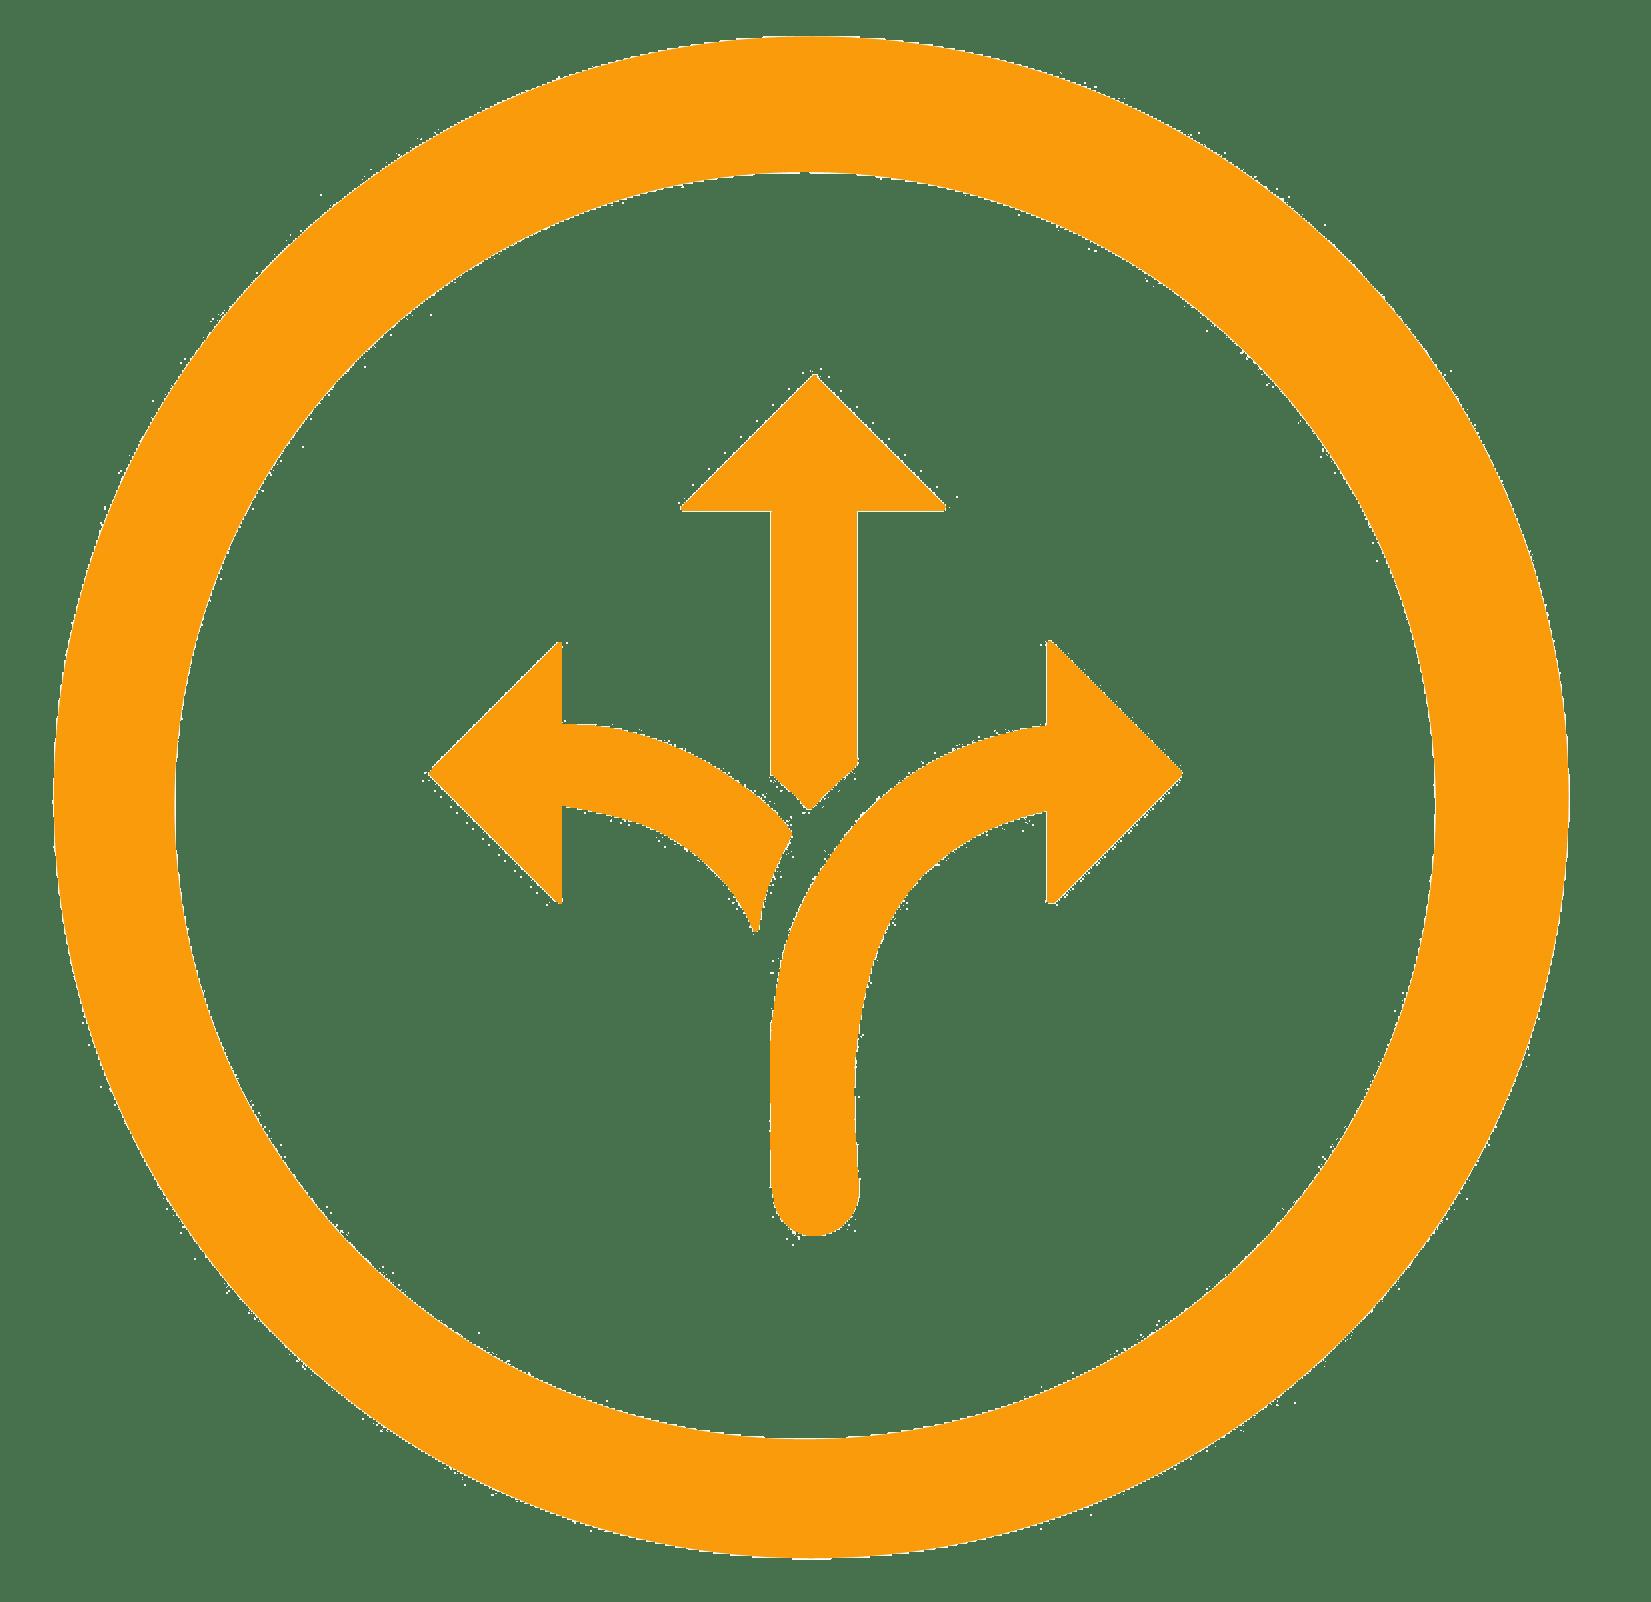 Cratos belofte - Leiderschap - Kernbegrip projectmanagement - Cratos Consulting